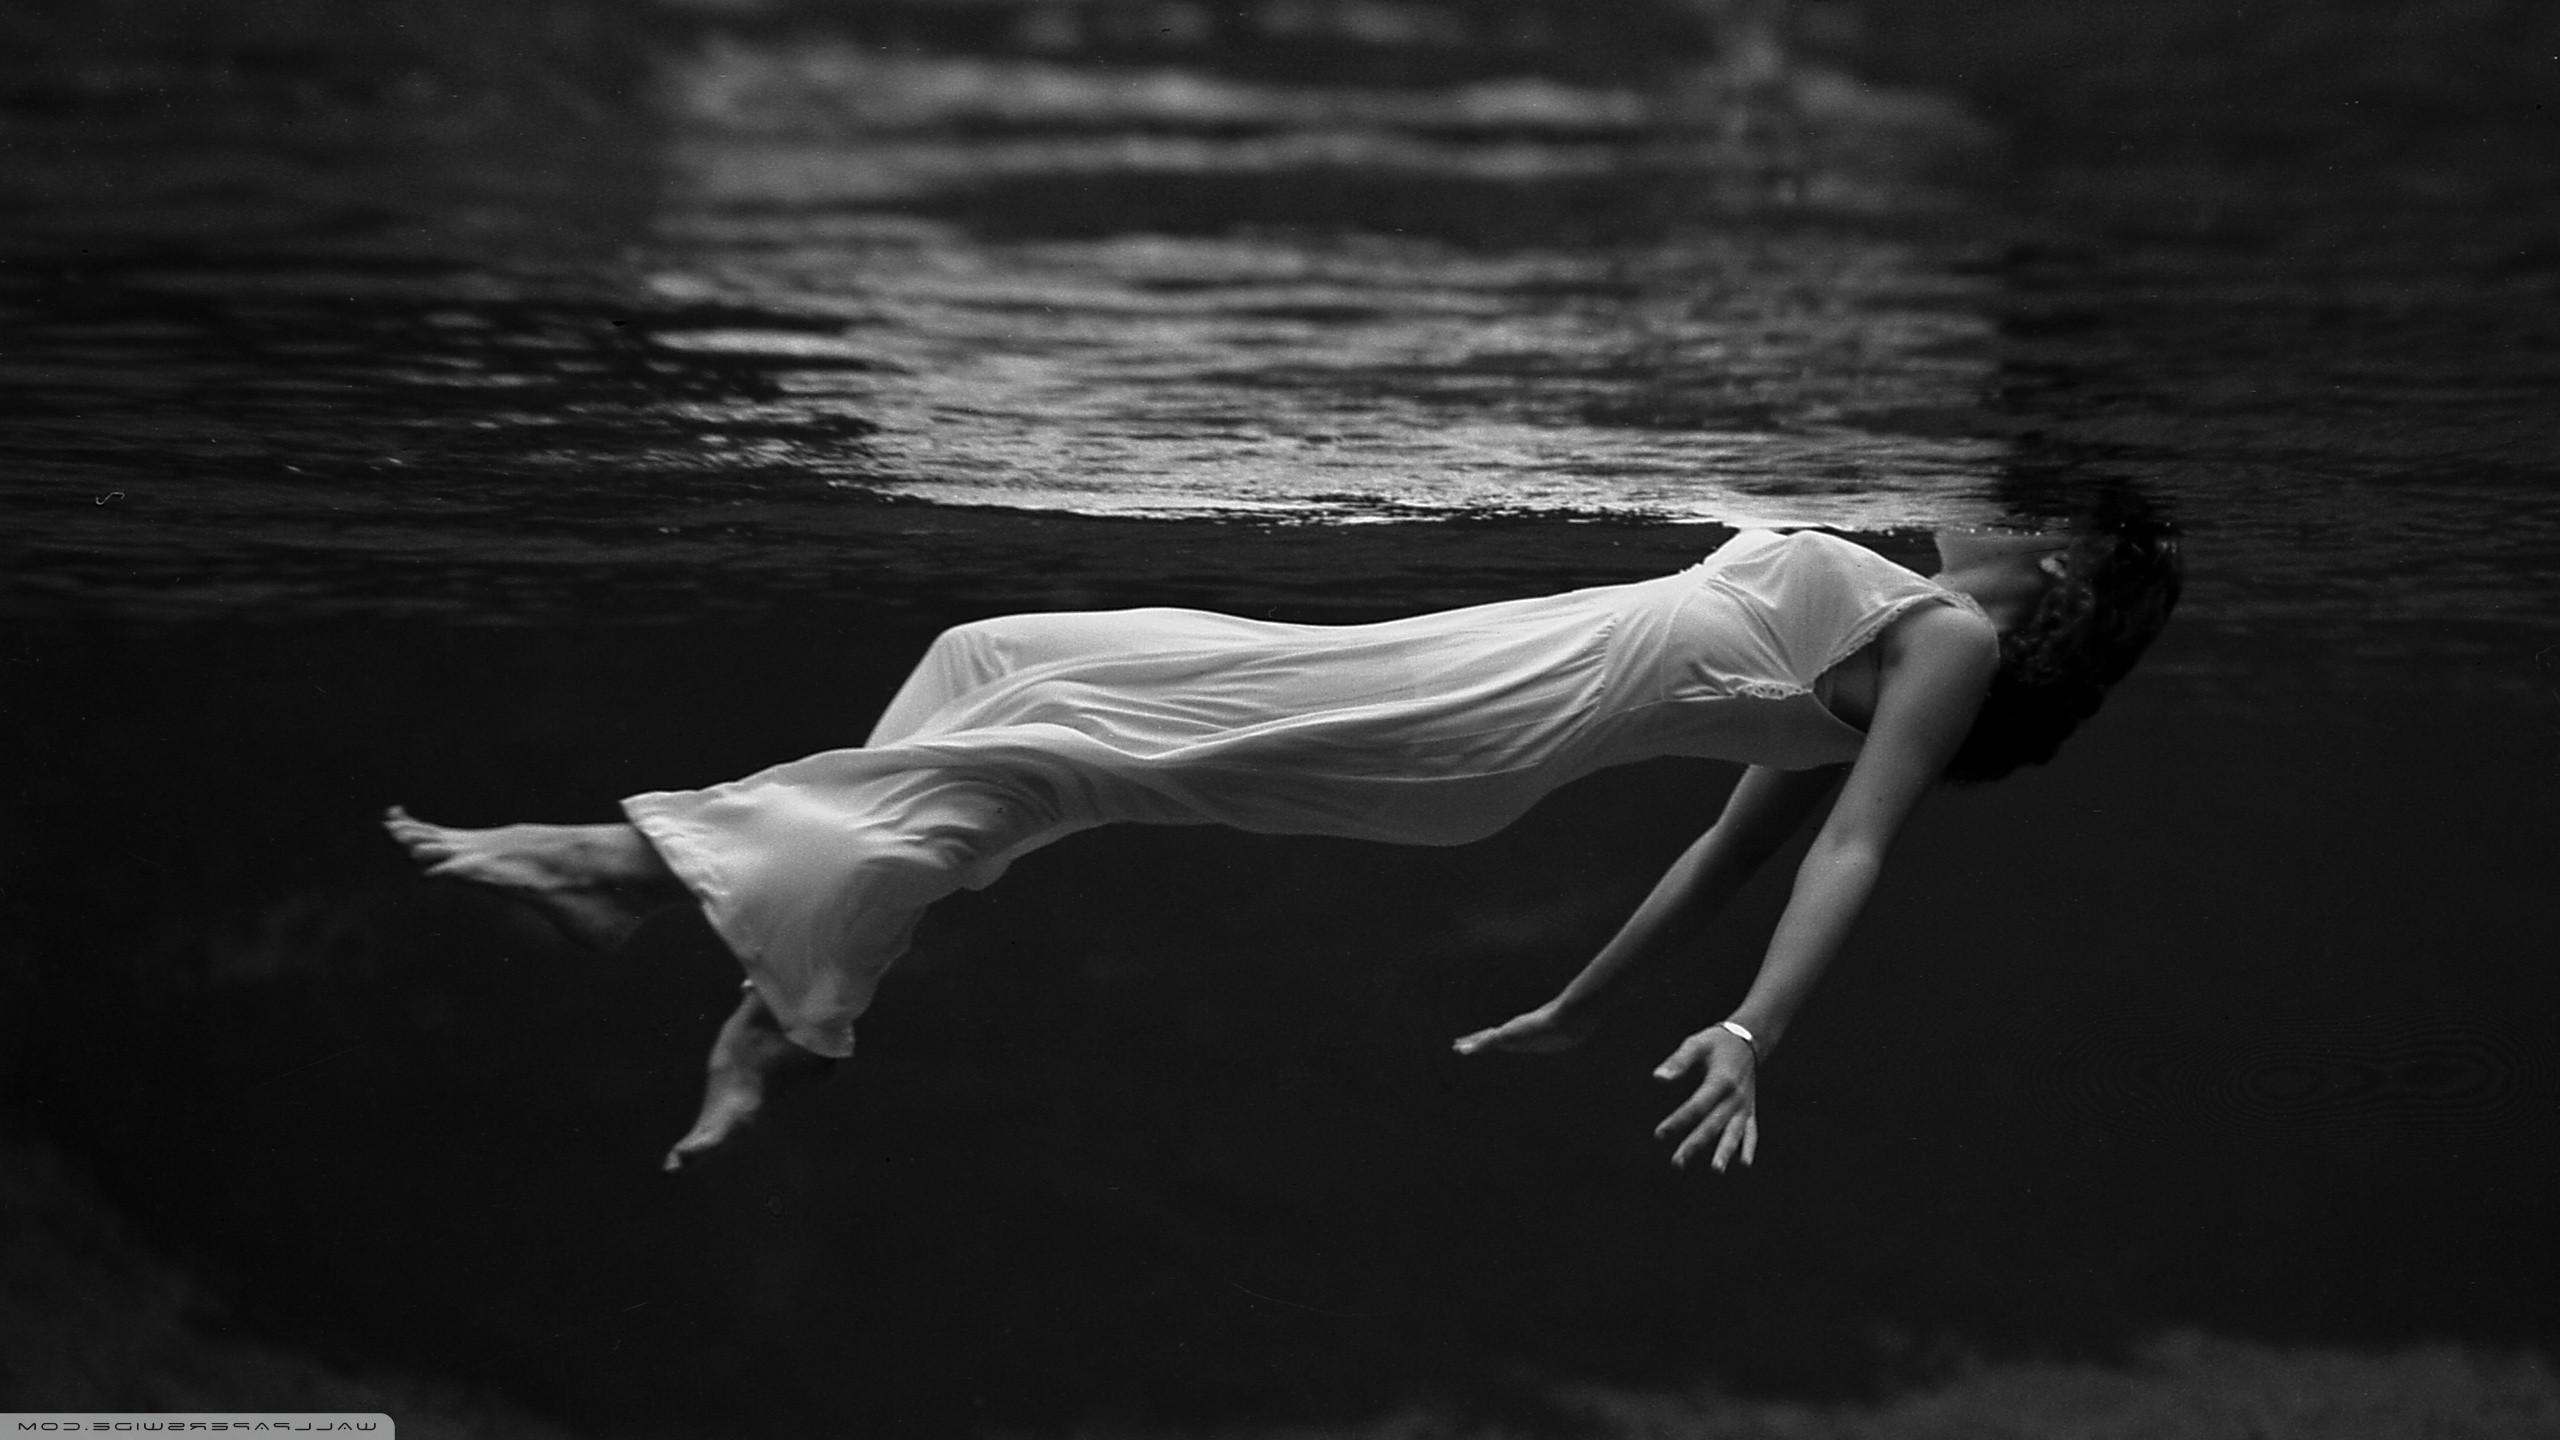 Hintergrundbilder : Weiß, schwarz, Frau, einfarbig, Wasser